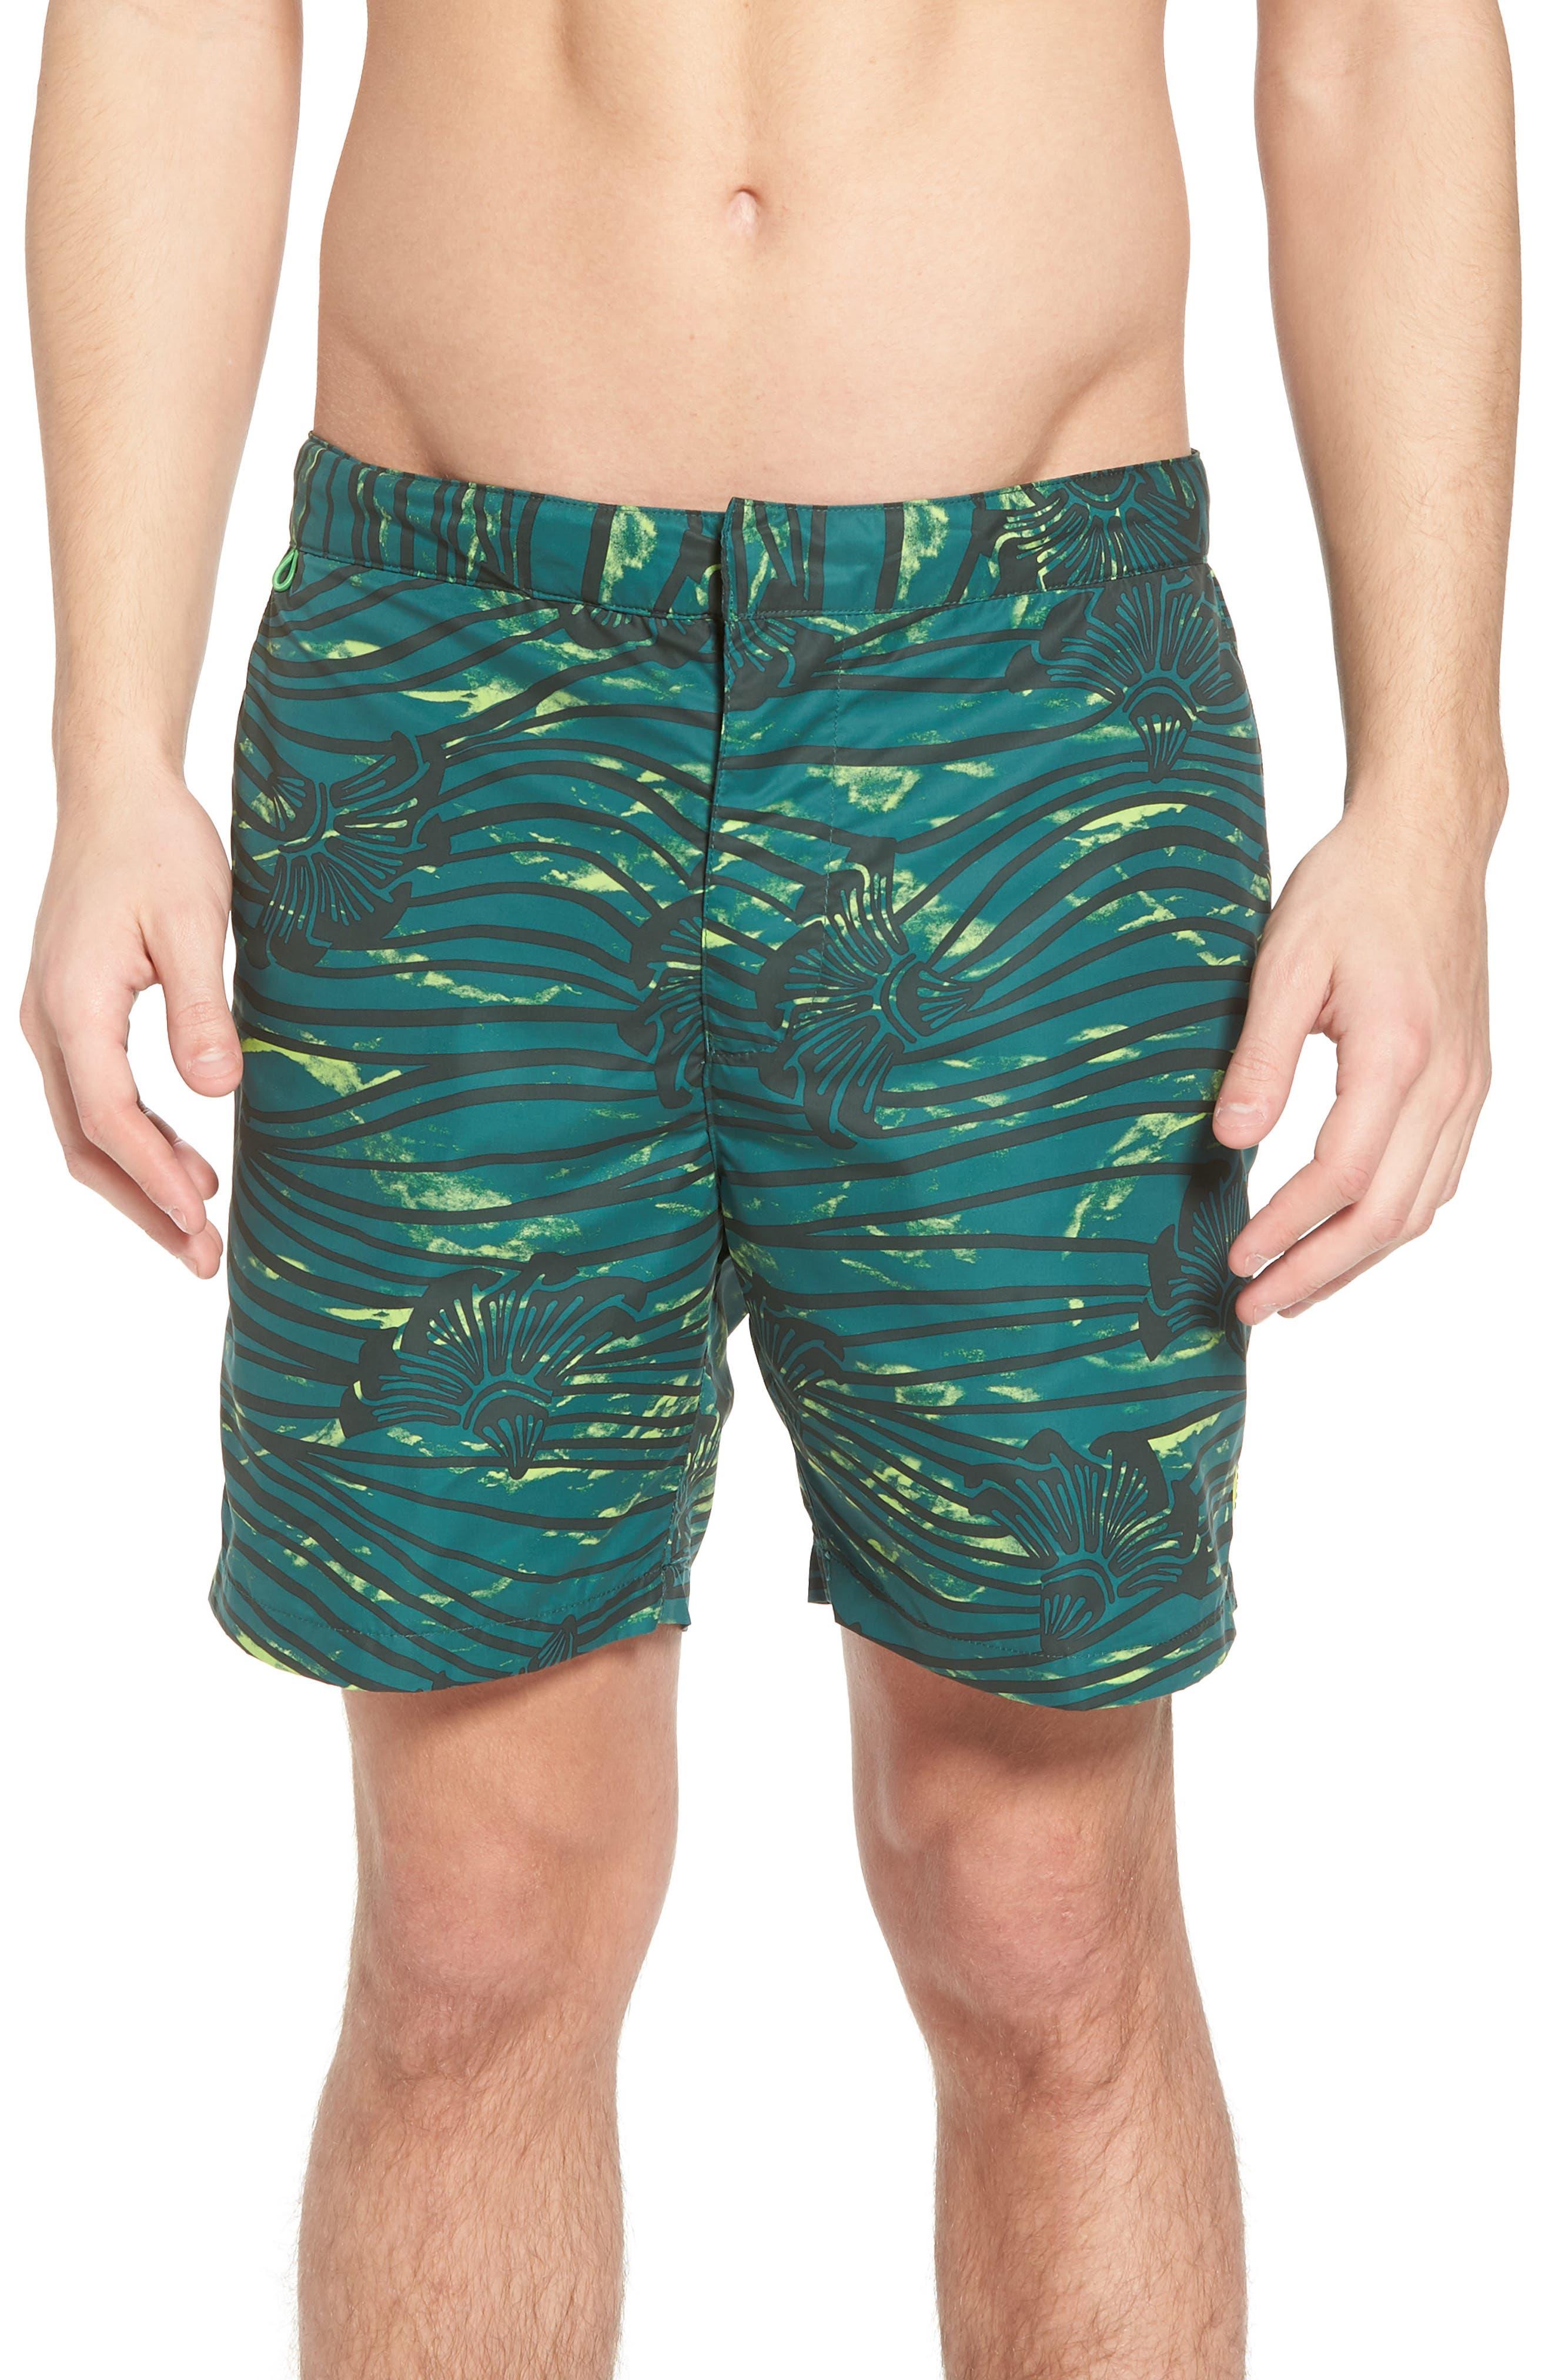 Patterned Board Shorts,                             Main thumbnail 1, color,                             440